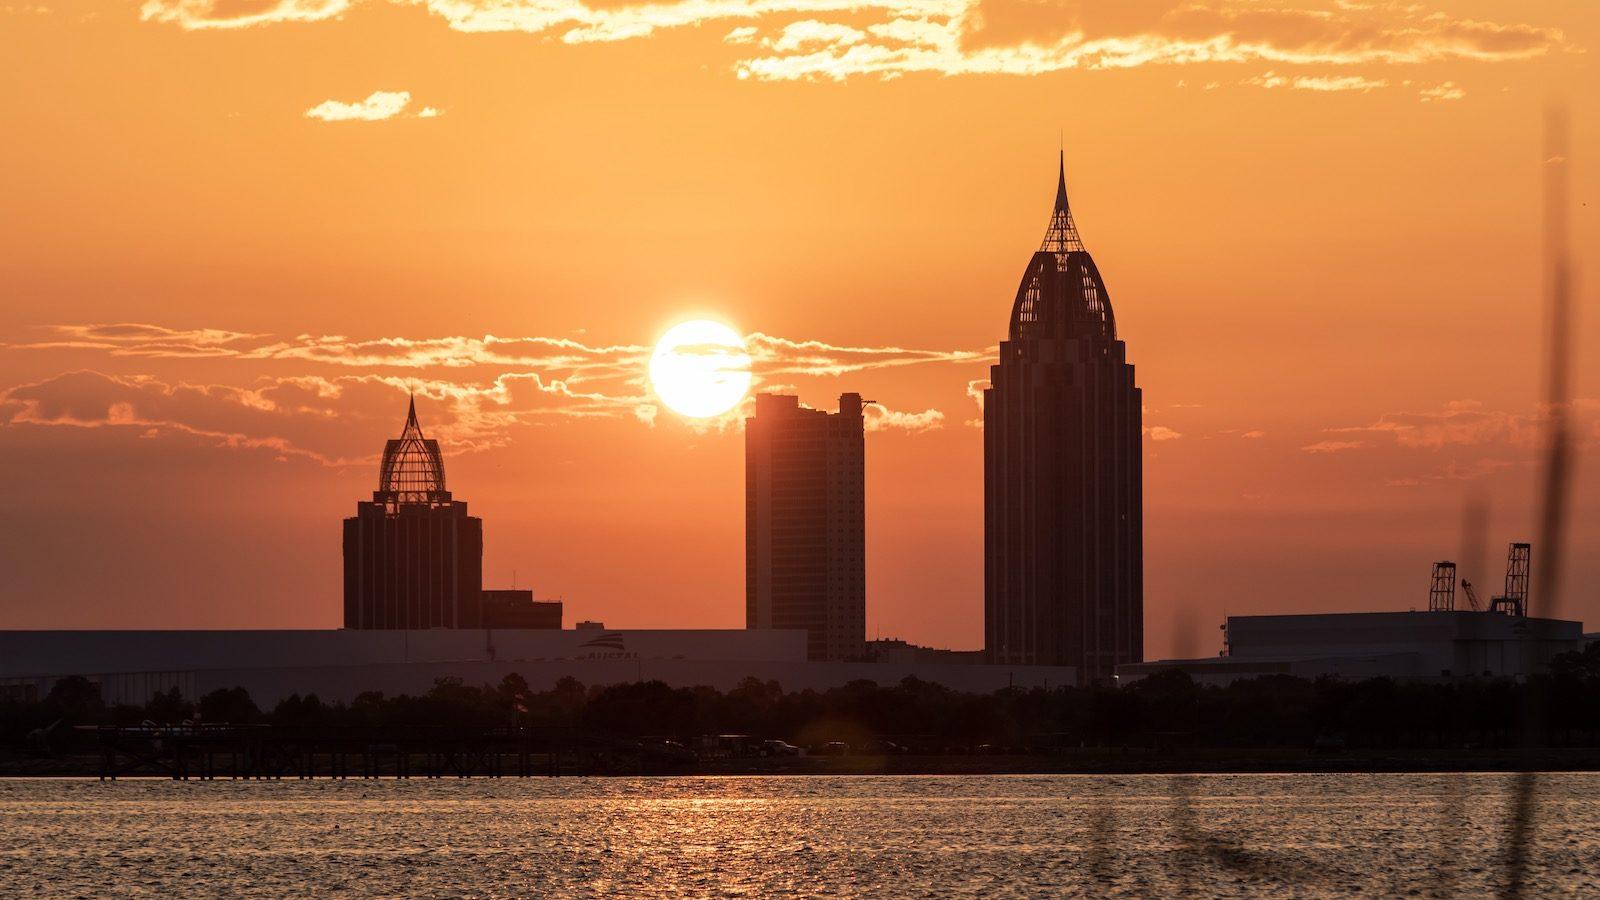 Sunset in Mobile, AL